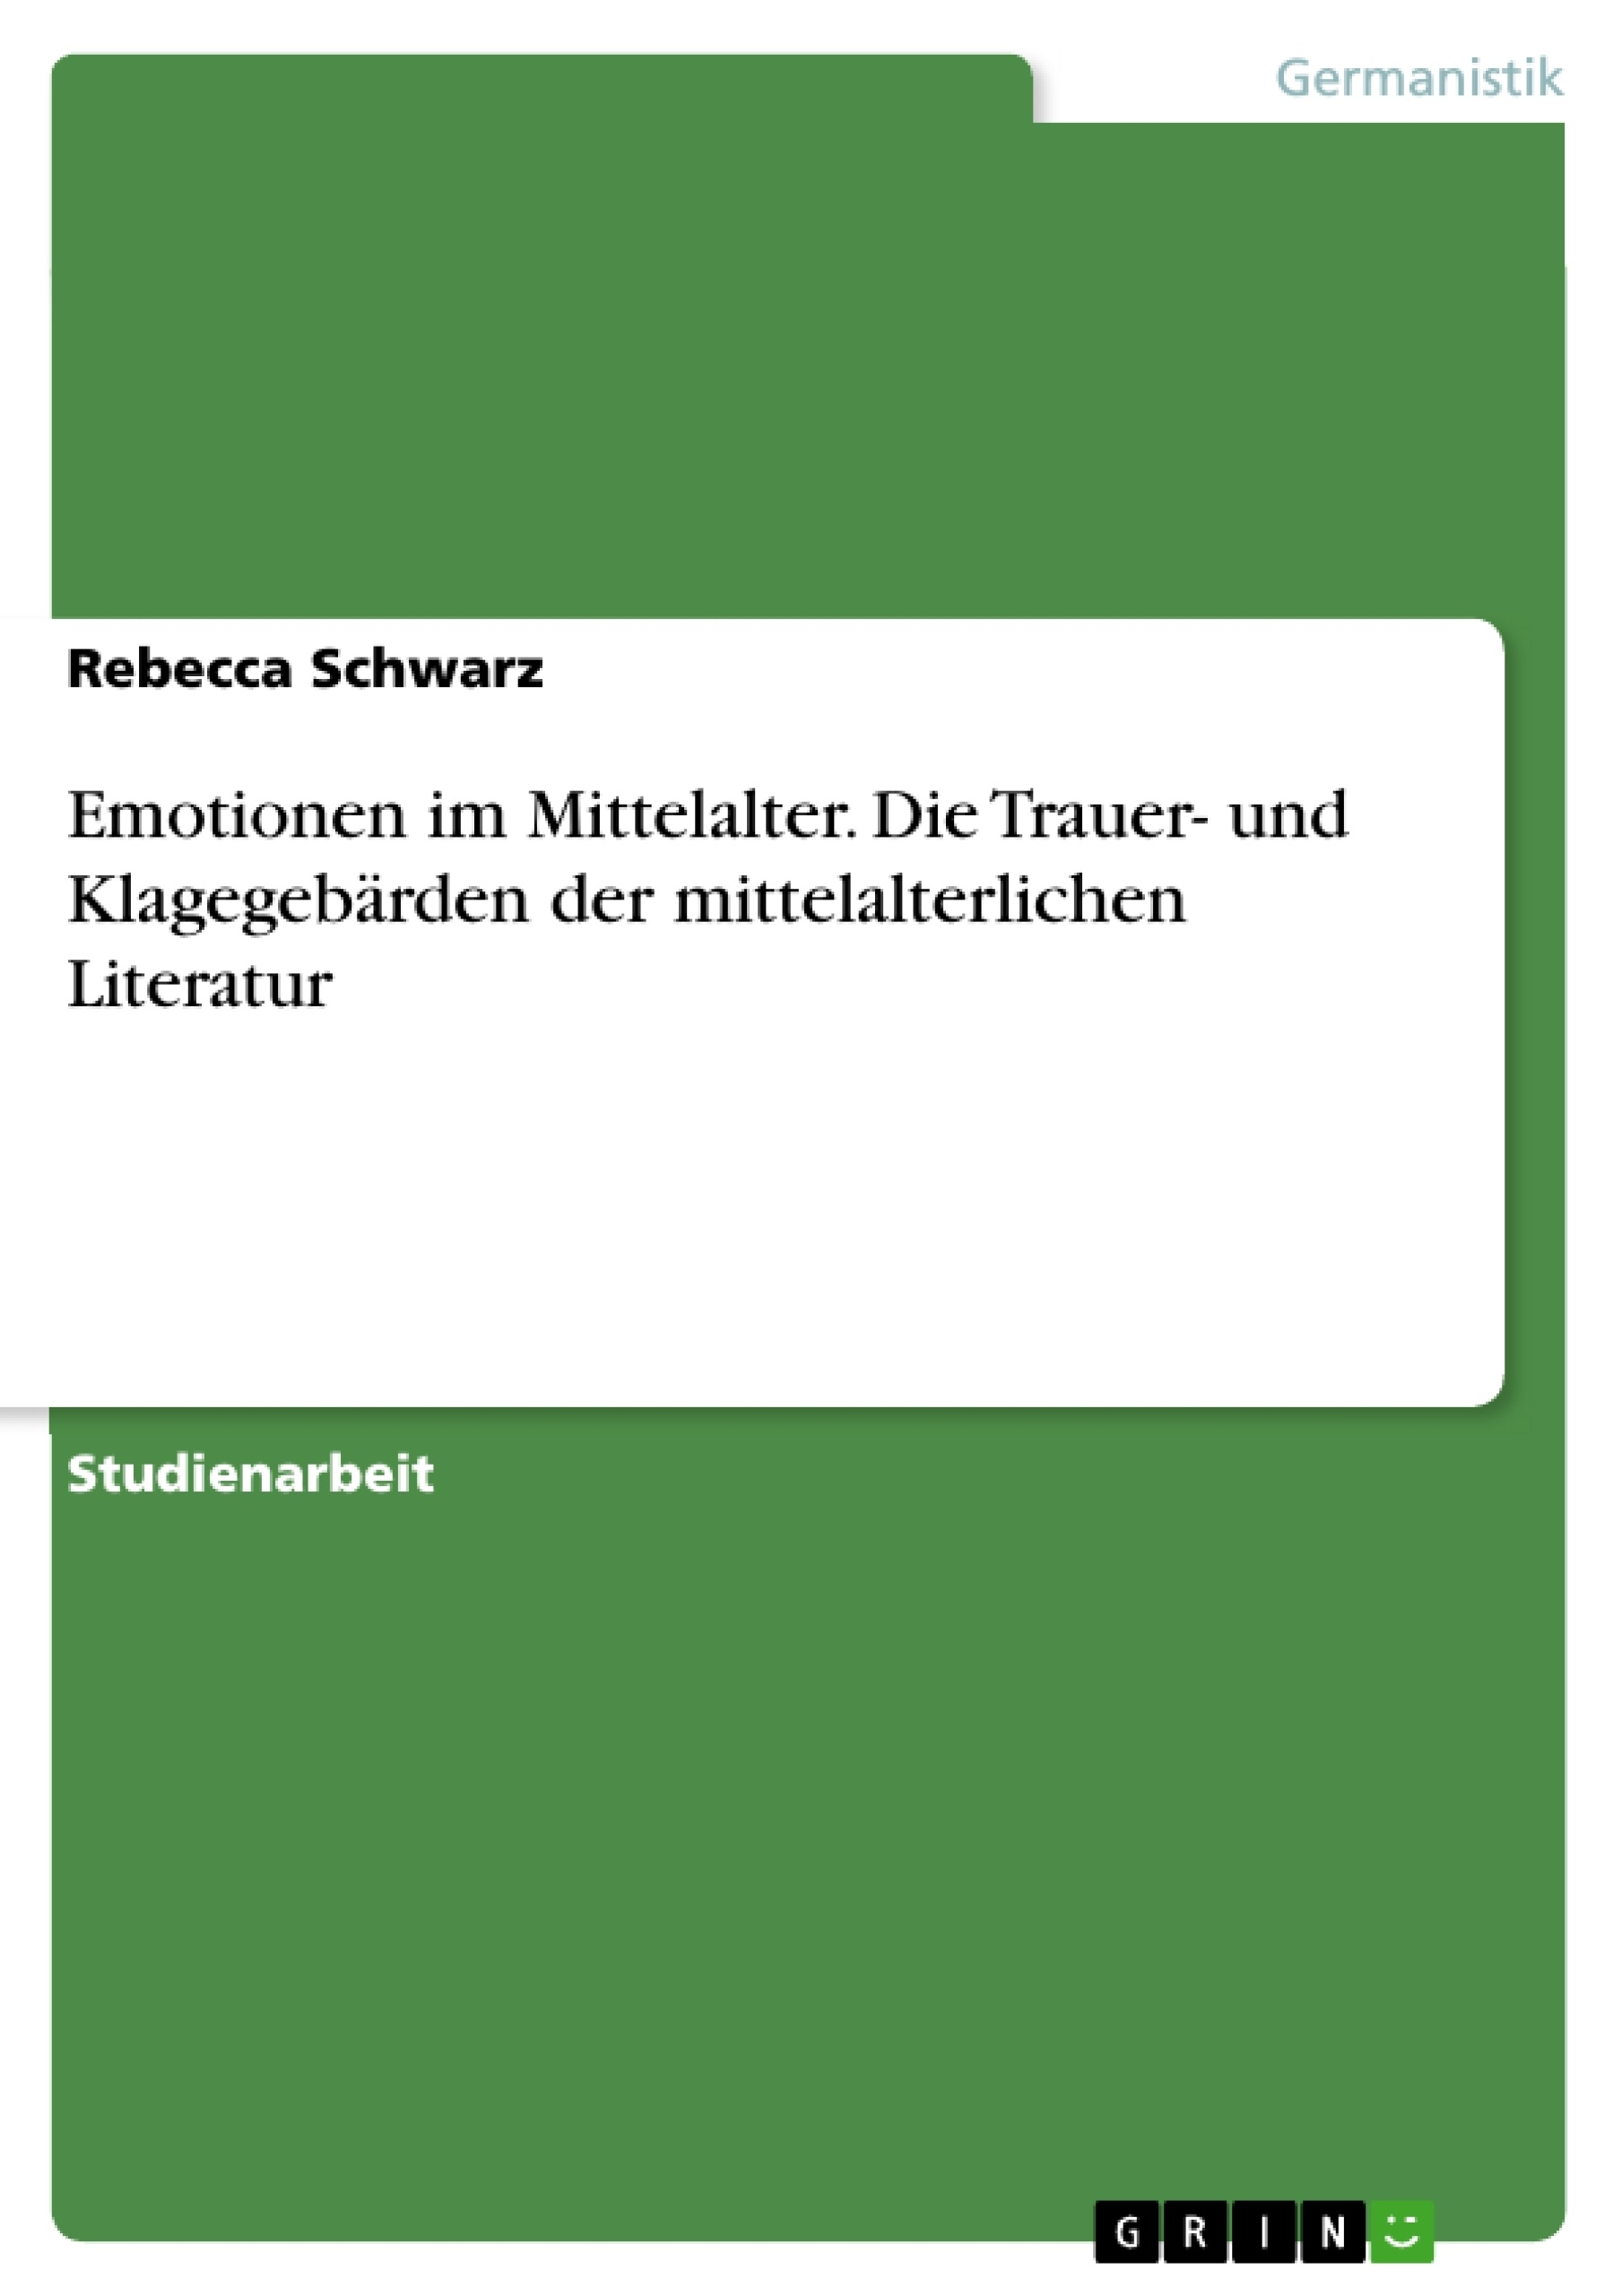 Titel: Emotionen im Mittelalter. Die Trauer- und Klagegebärden der mittelalterlichen Literatur